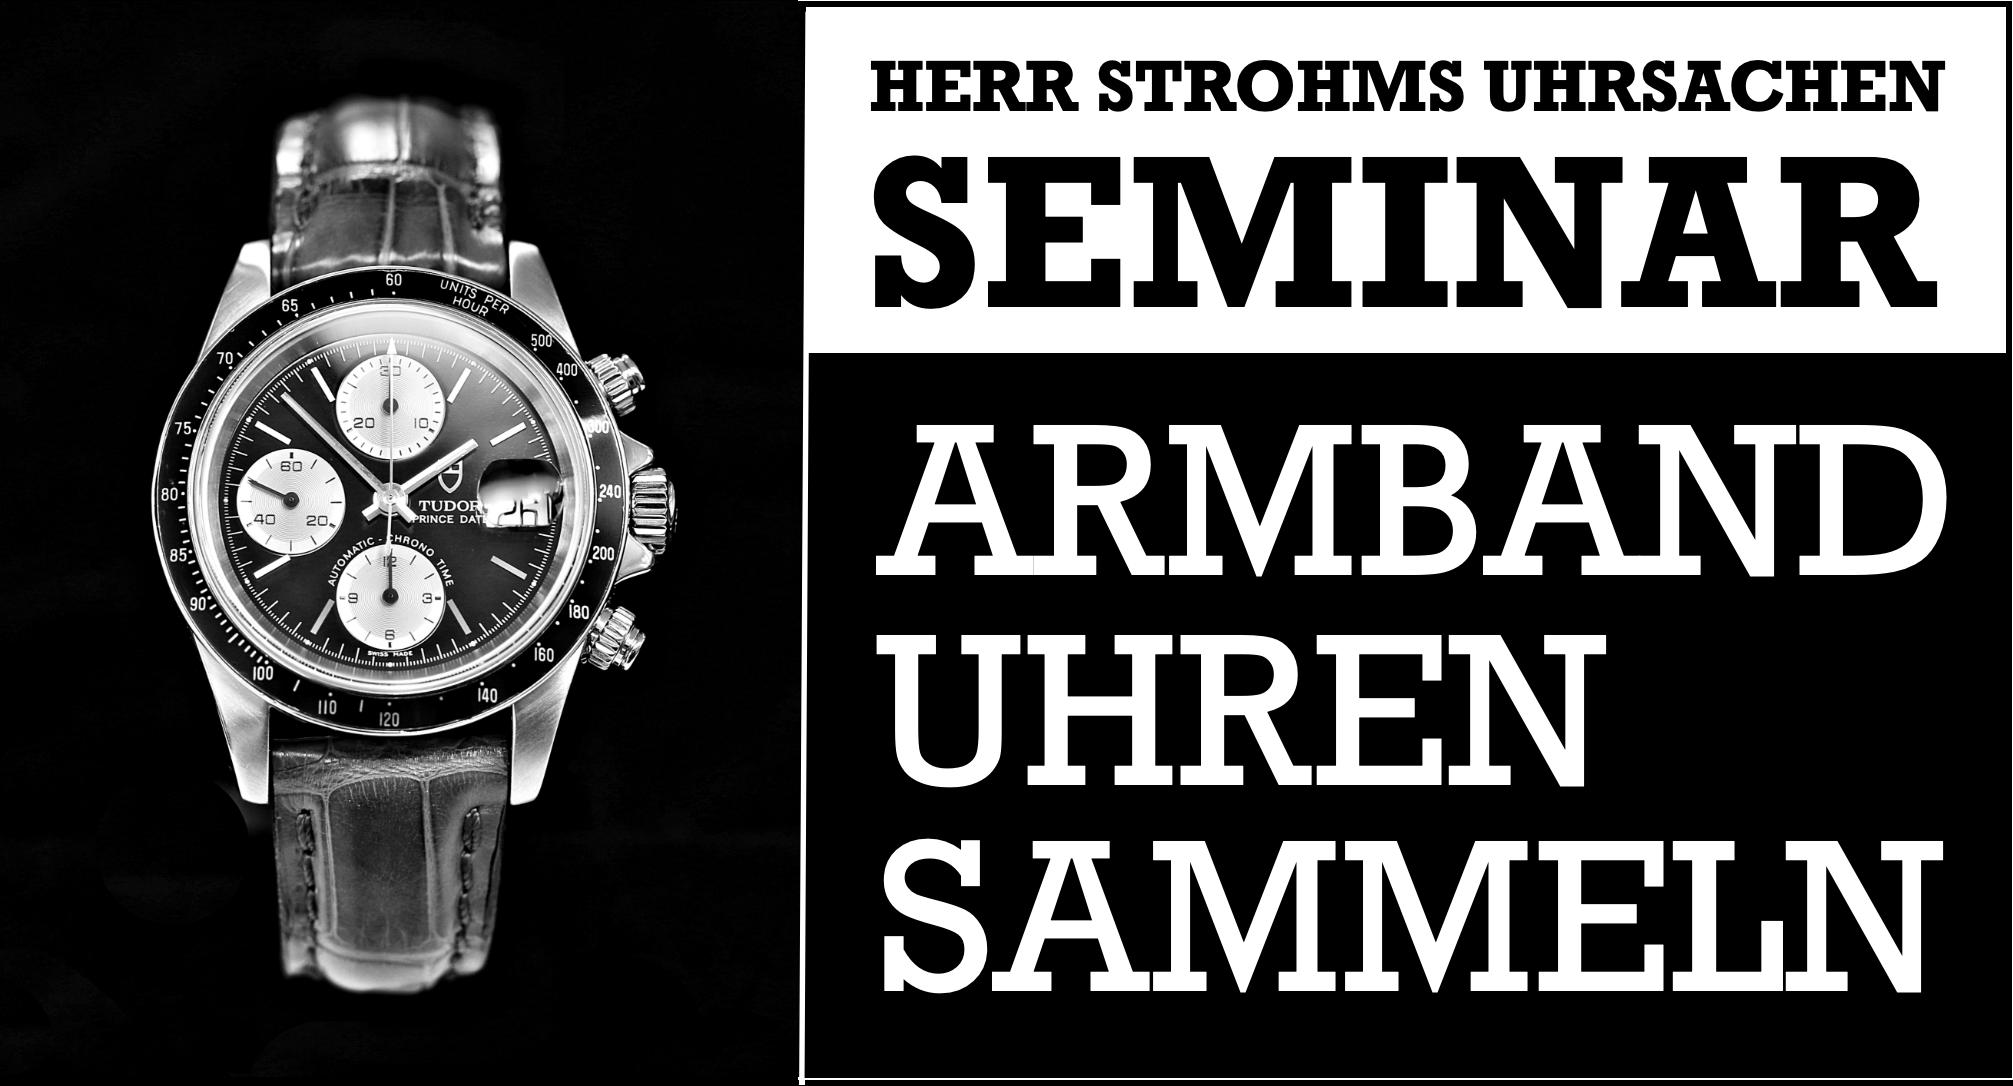 Seminar Sammeln Uhr.png